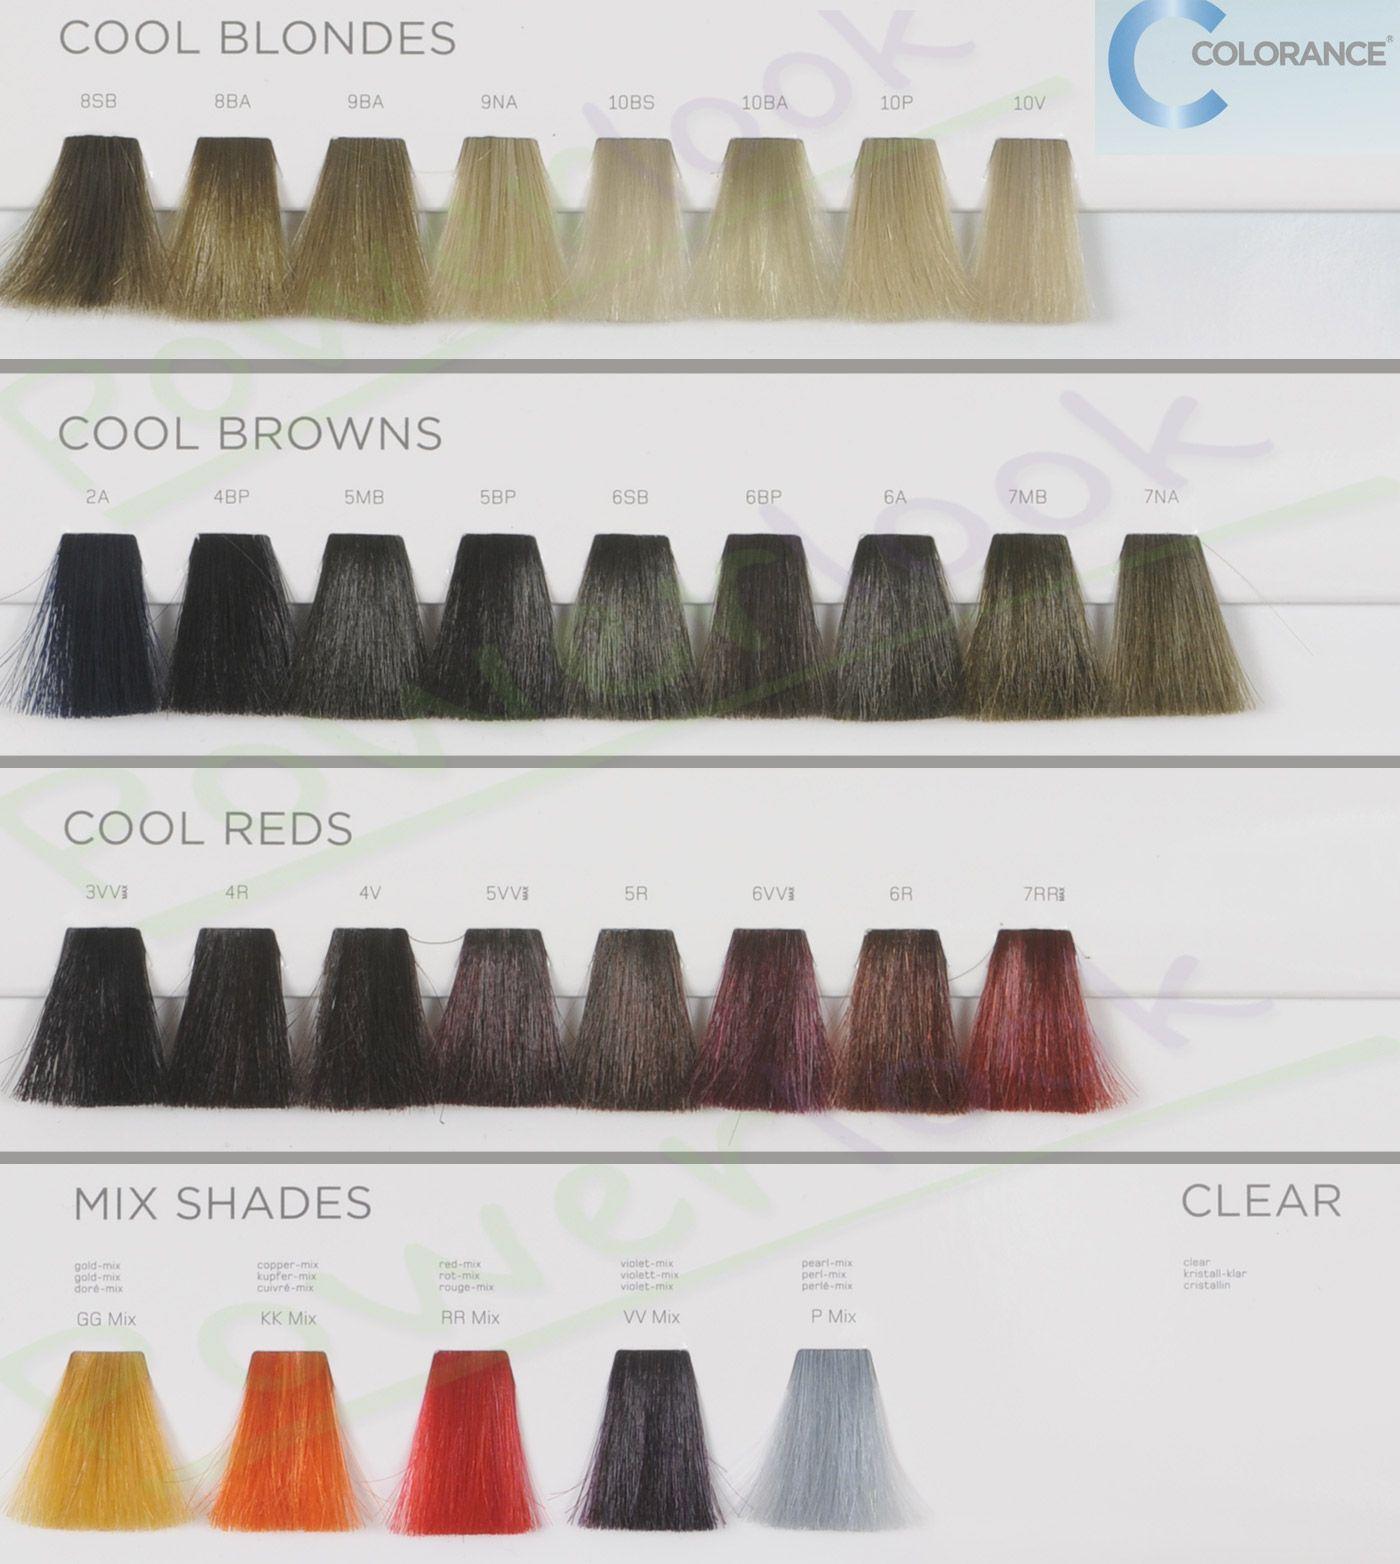 Goldwell Farba Colorance Promieniste Kolory W Delikatny Sposob